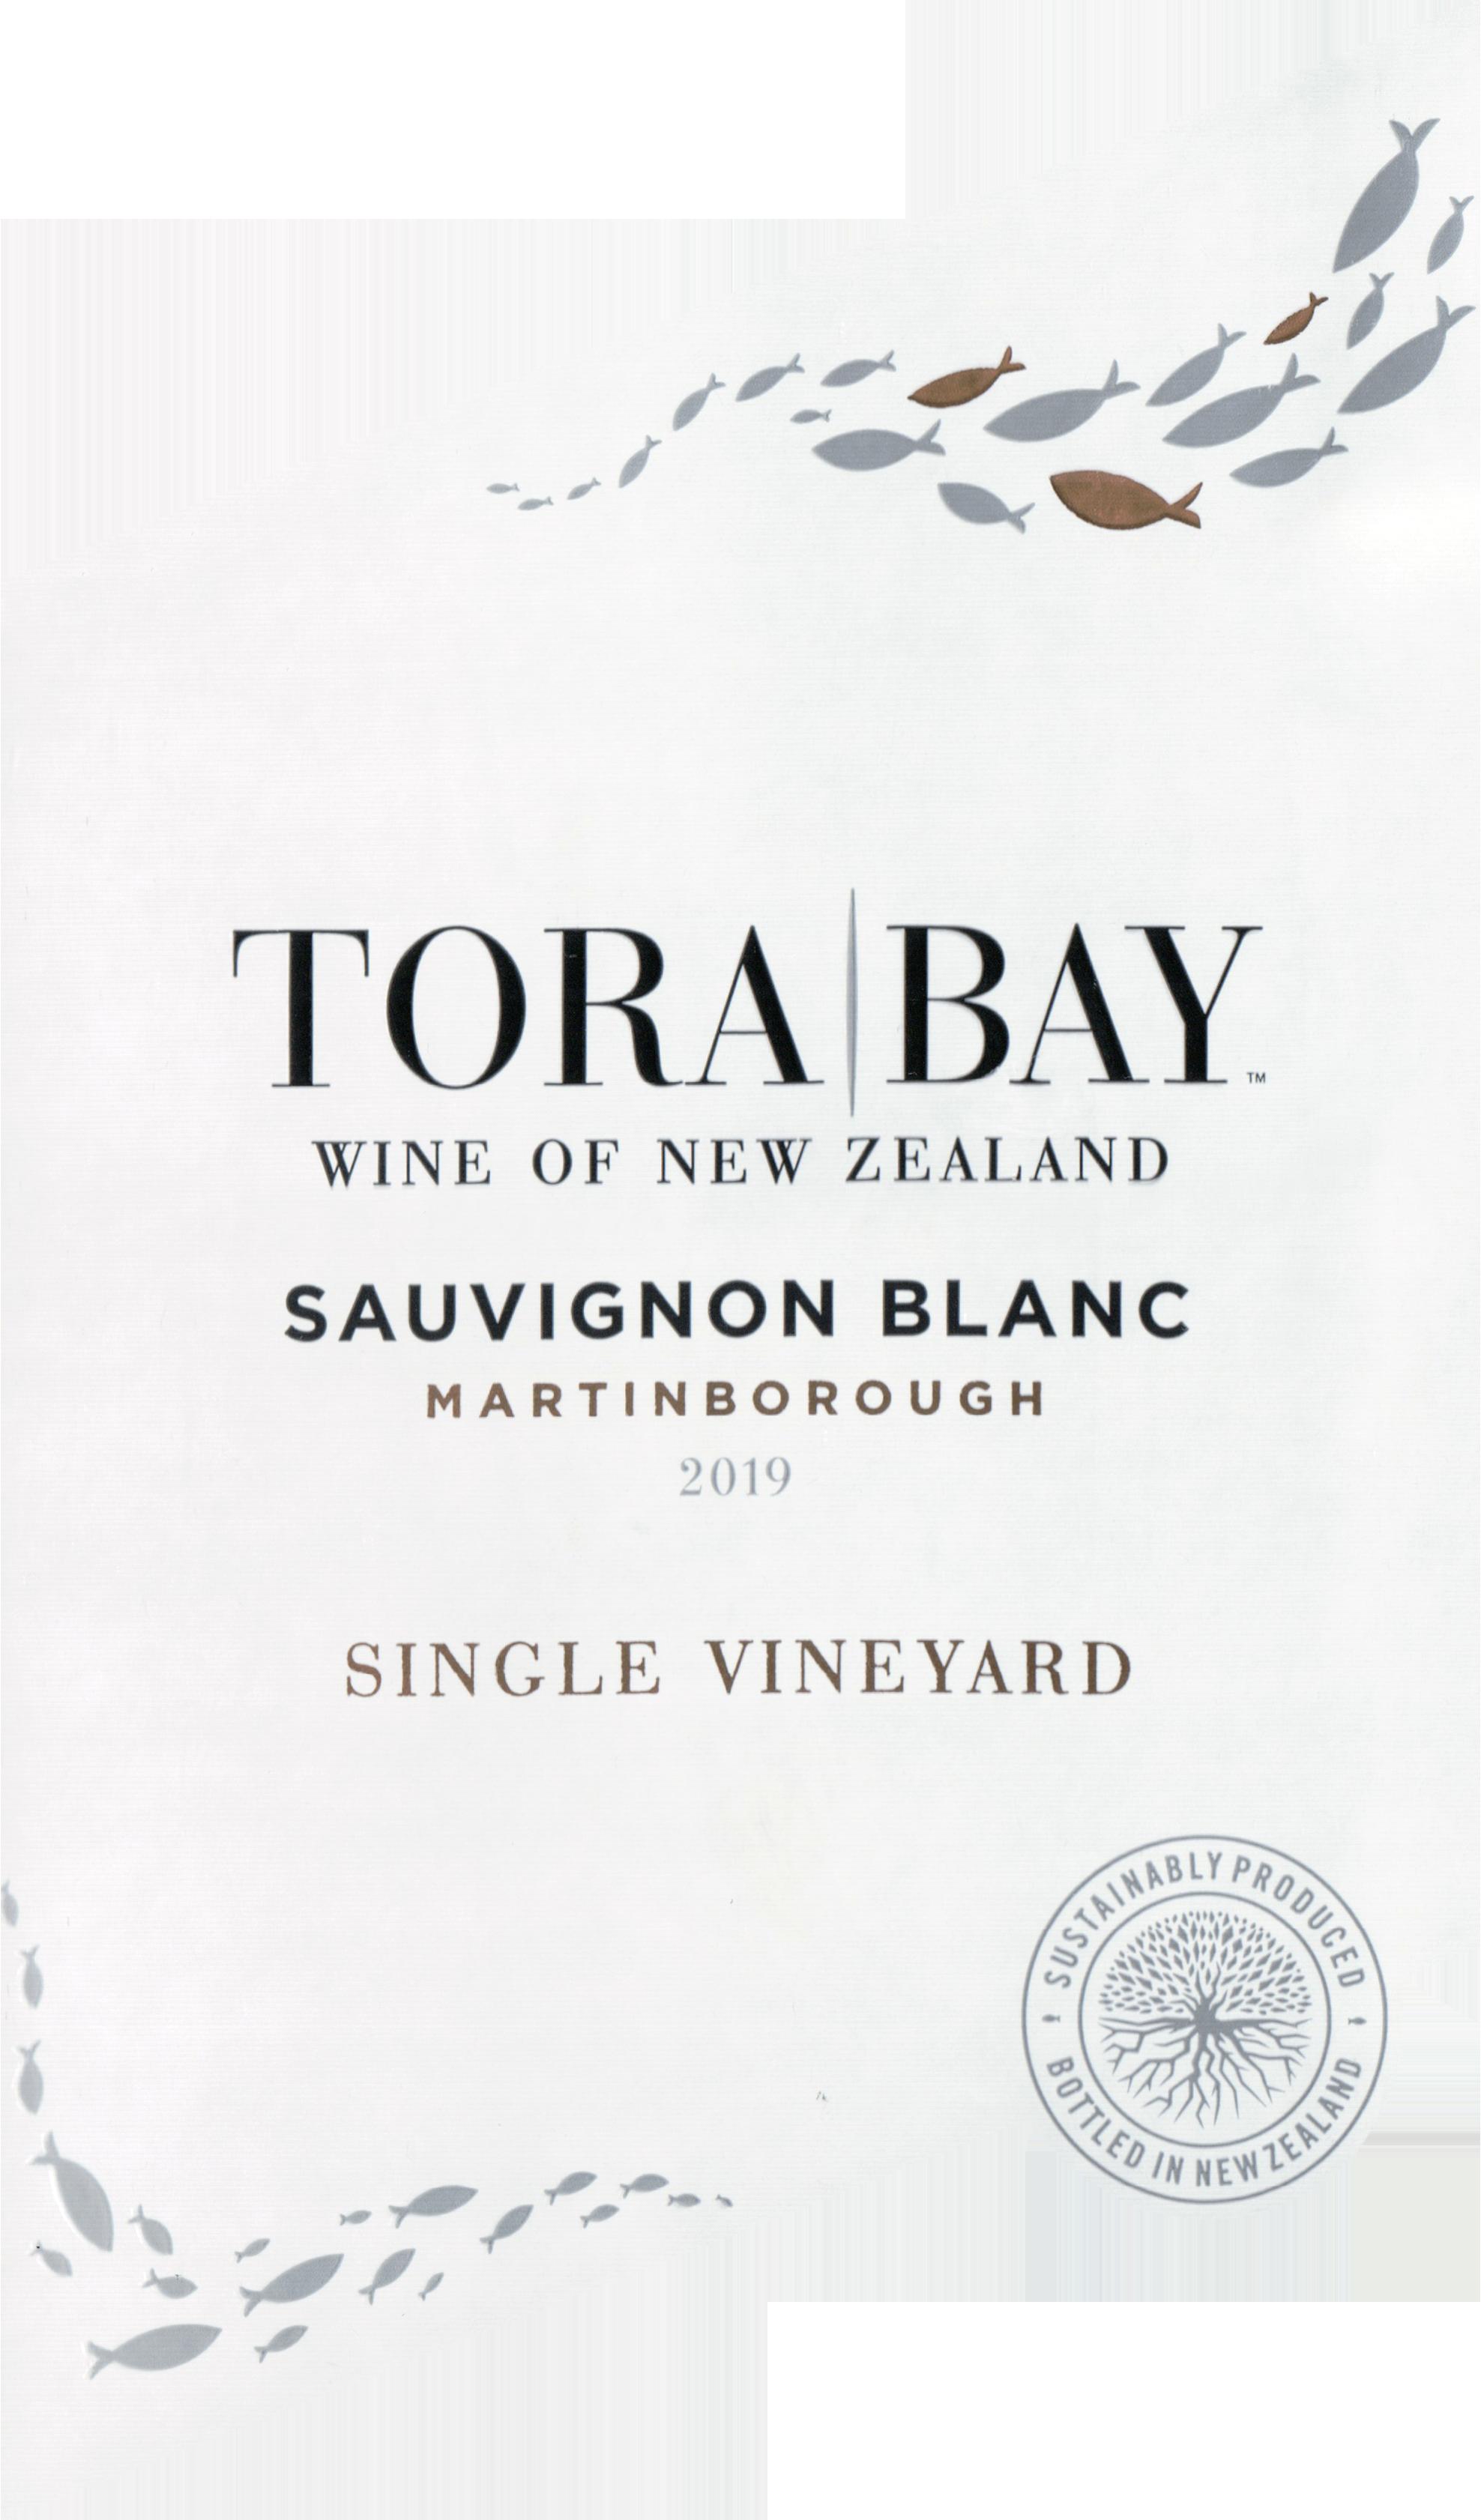 Tora Bay Sauvignon Blanc 2019